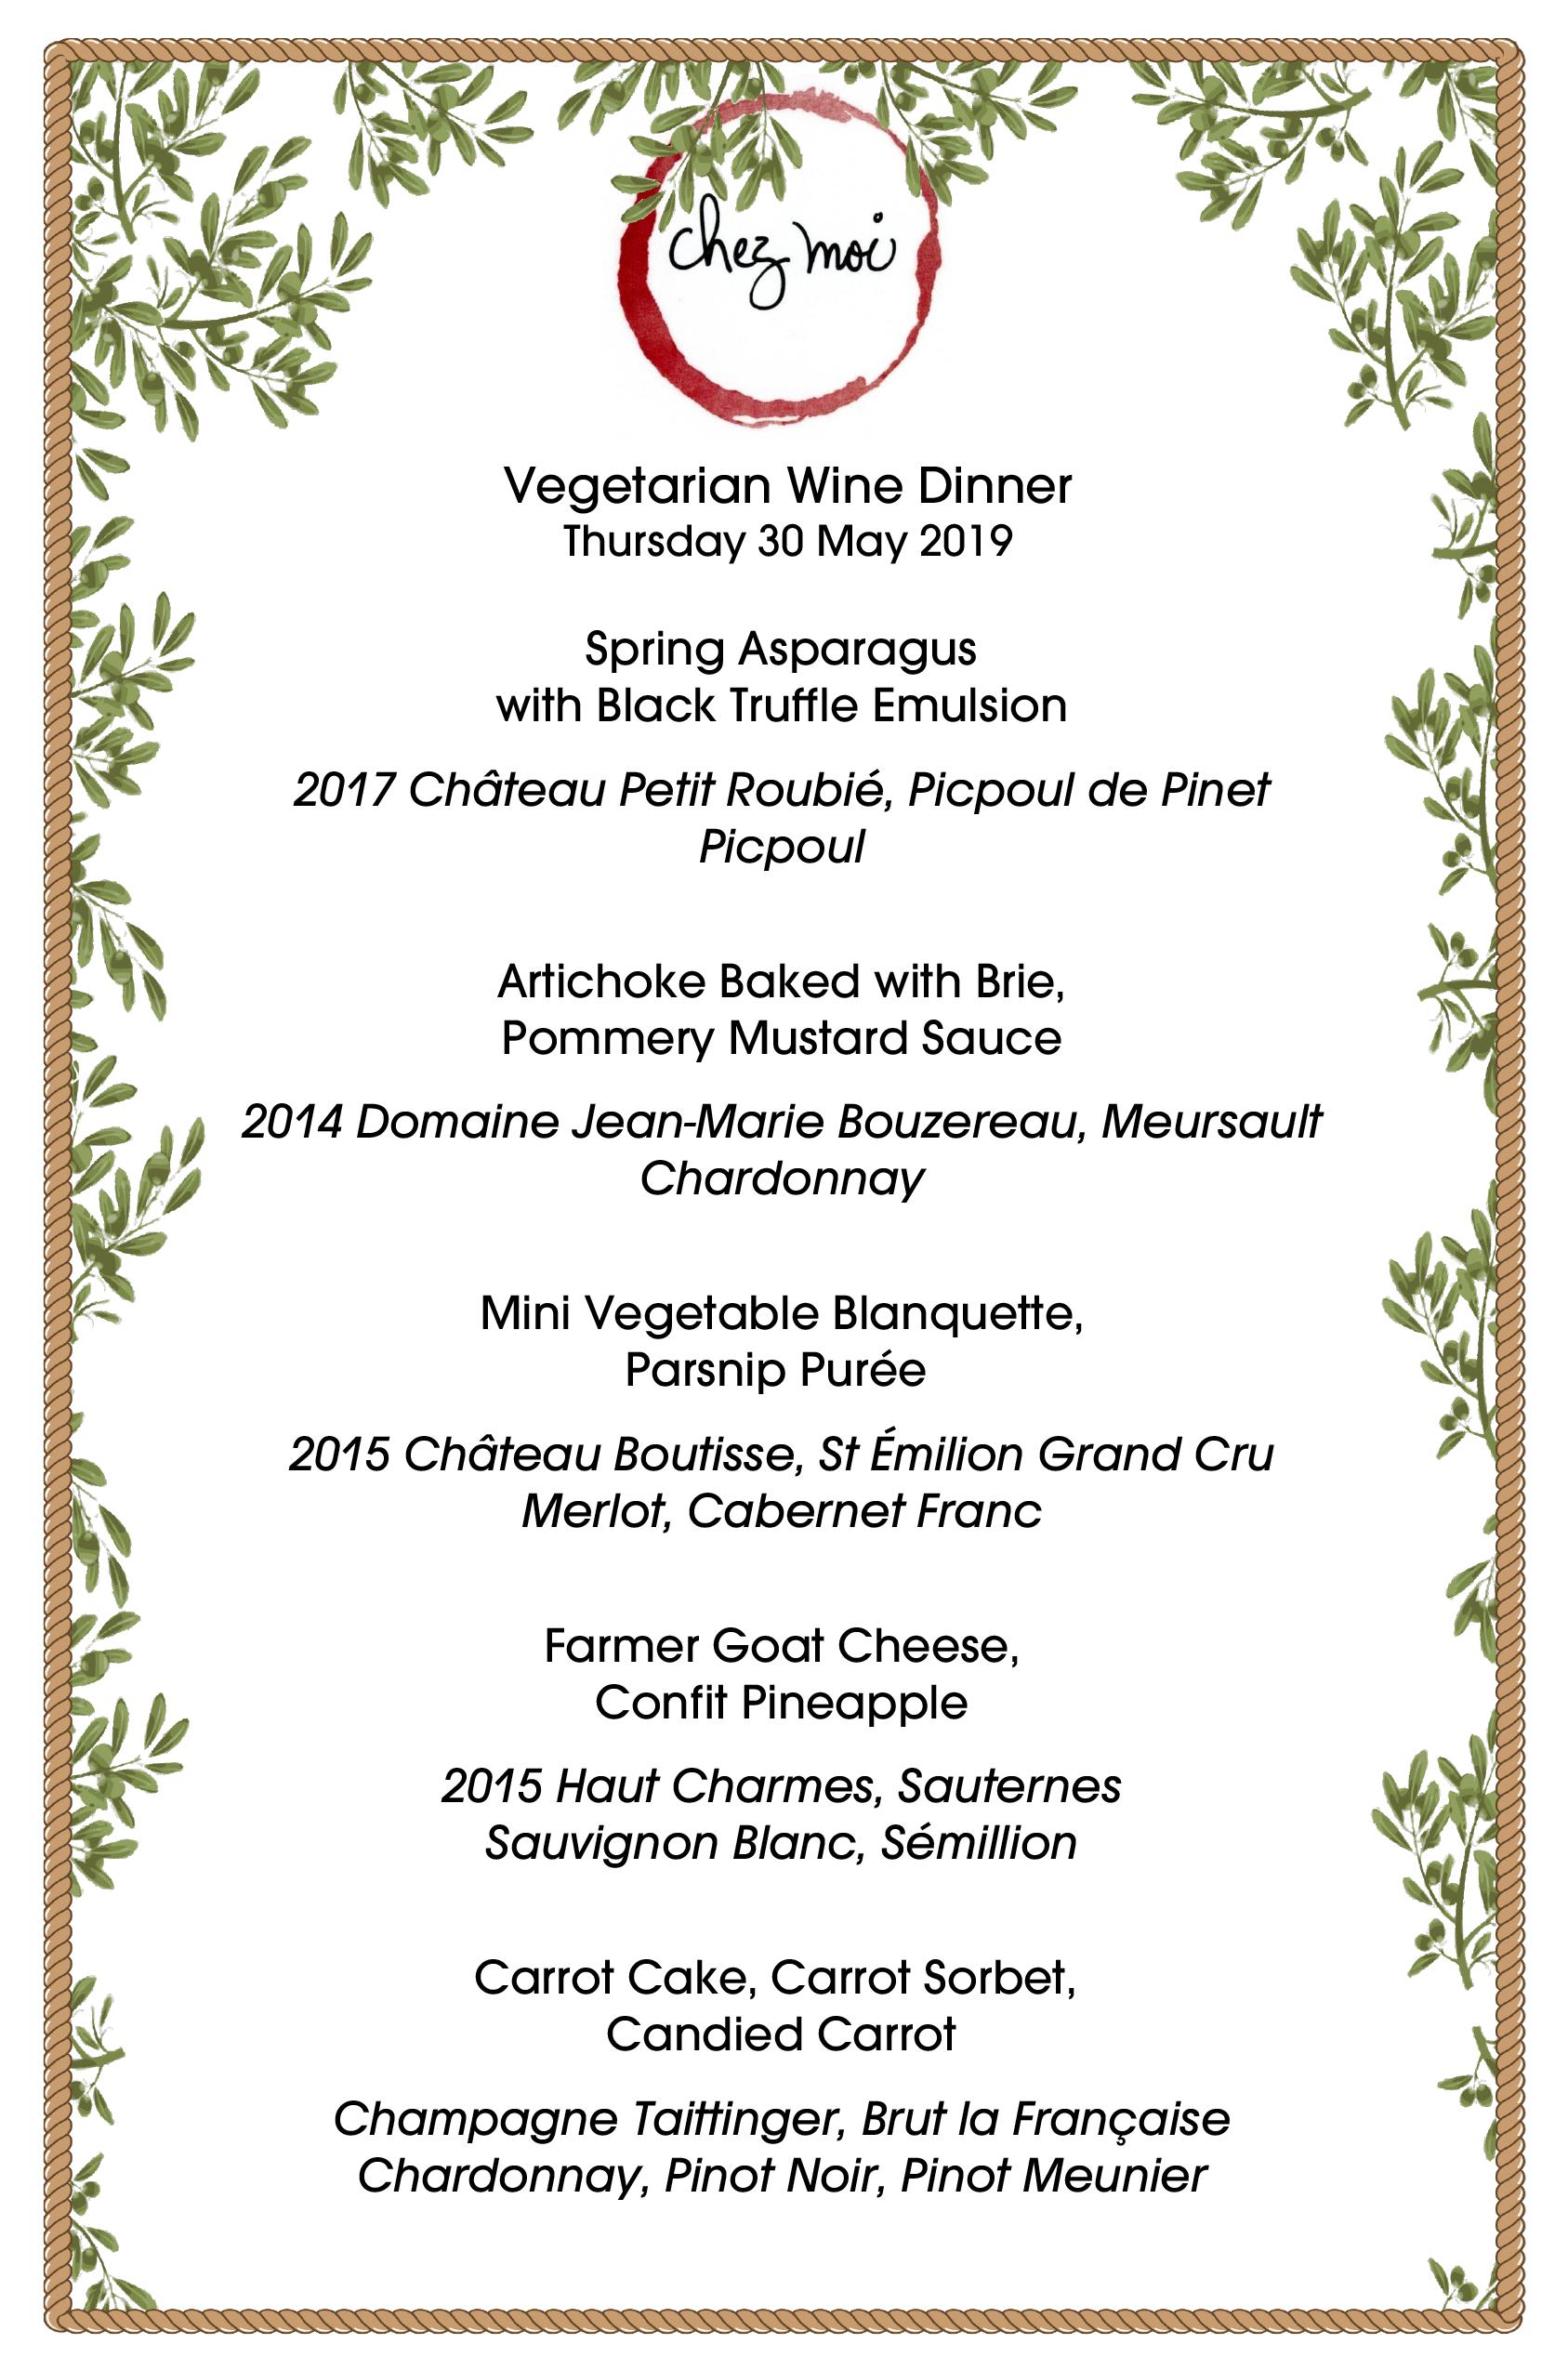 Vegetarian_Wine_Dinner (1).png